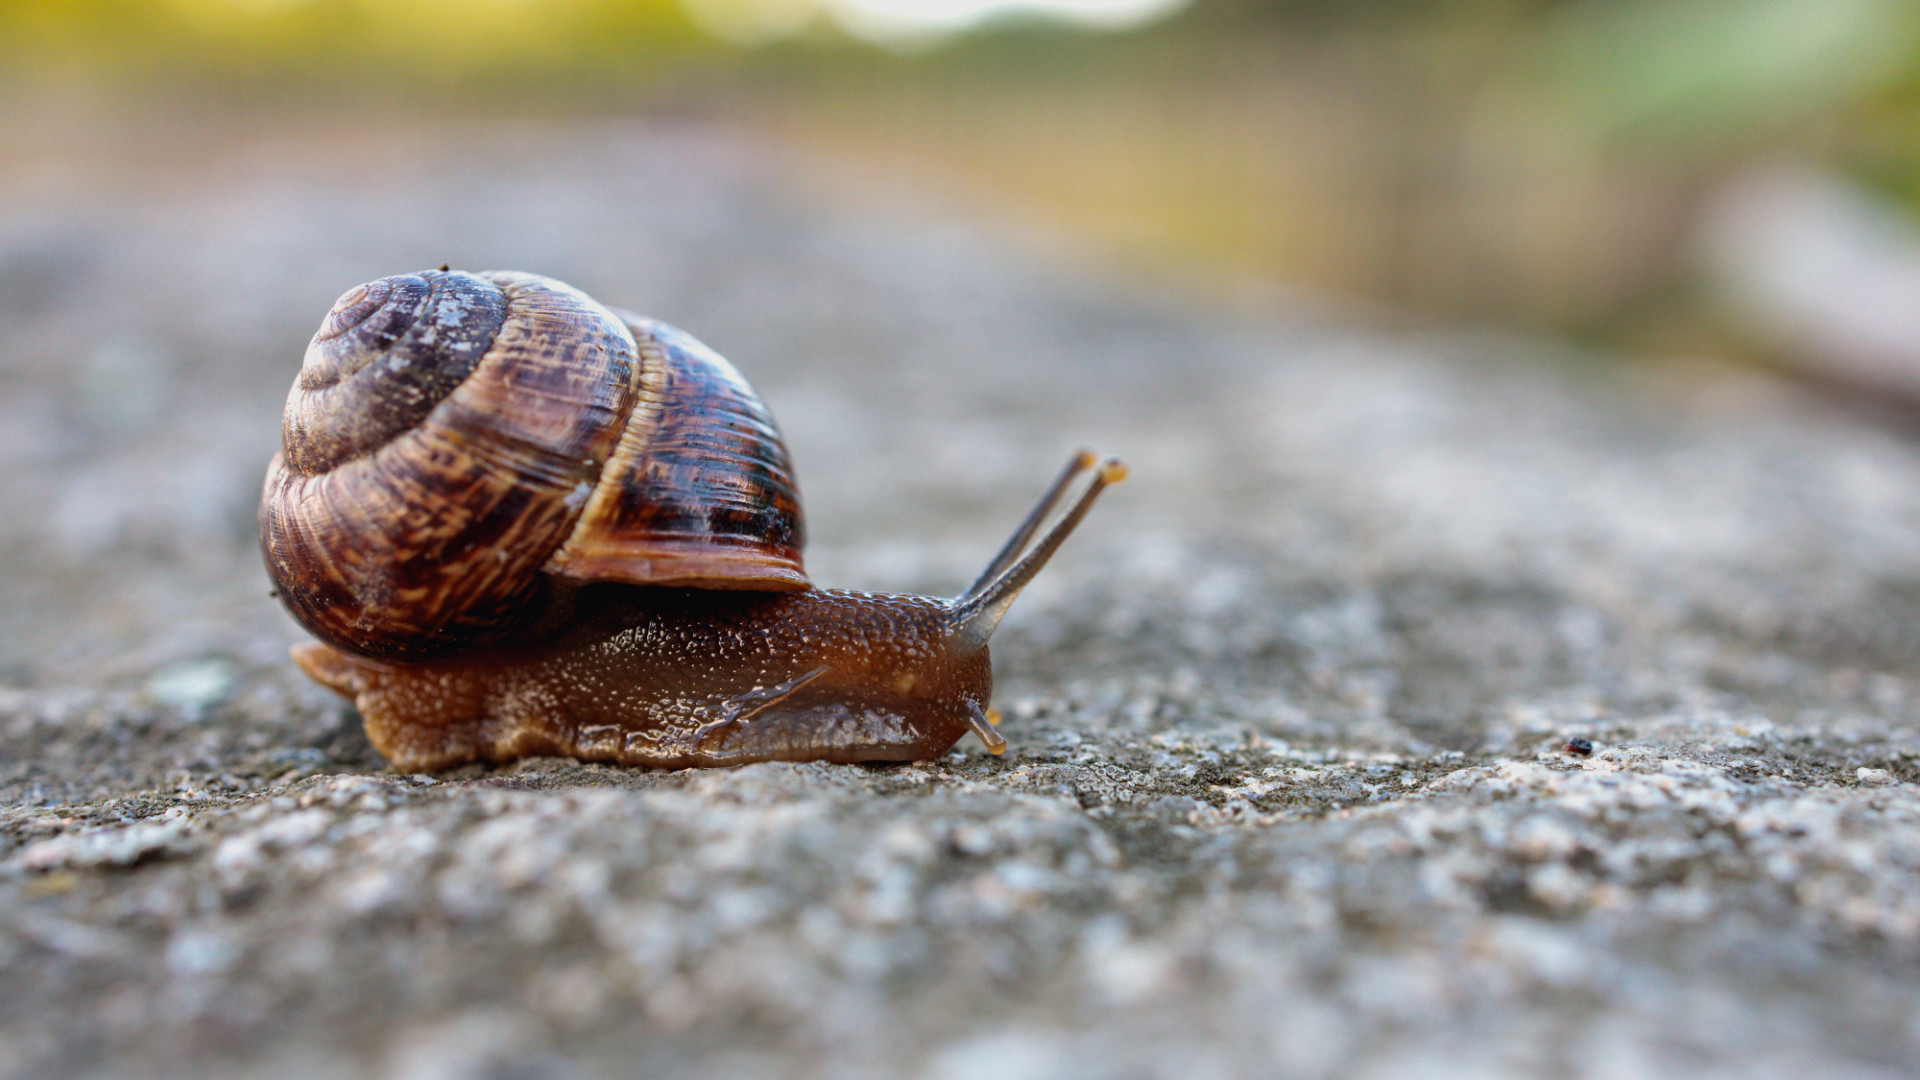 Cute brown snail